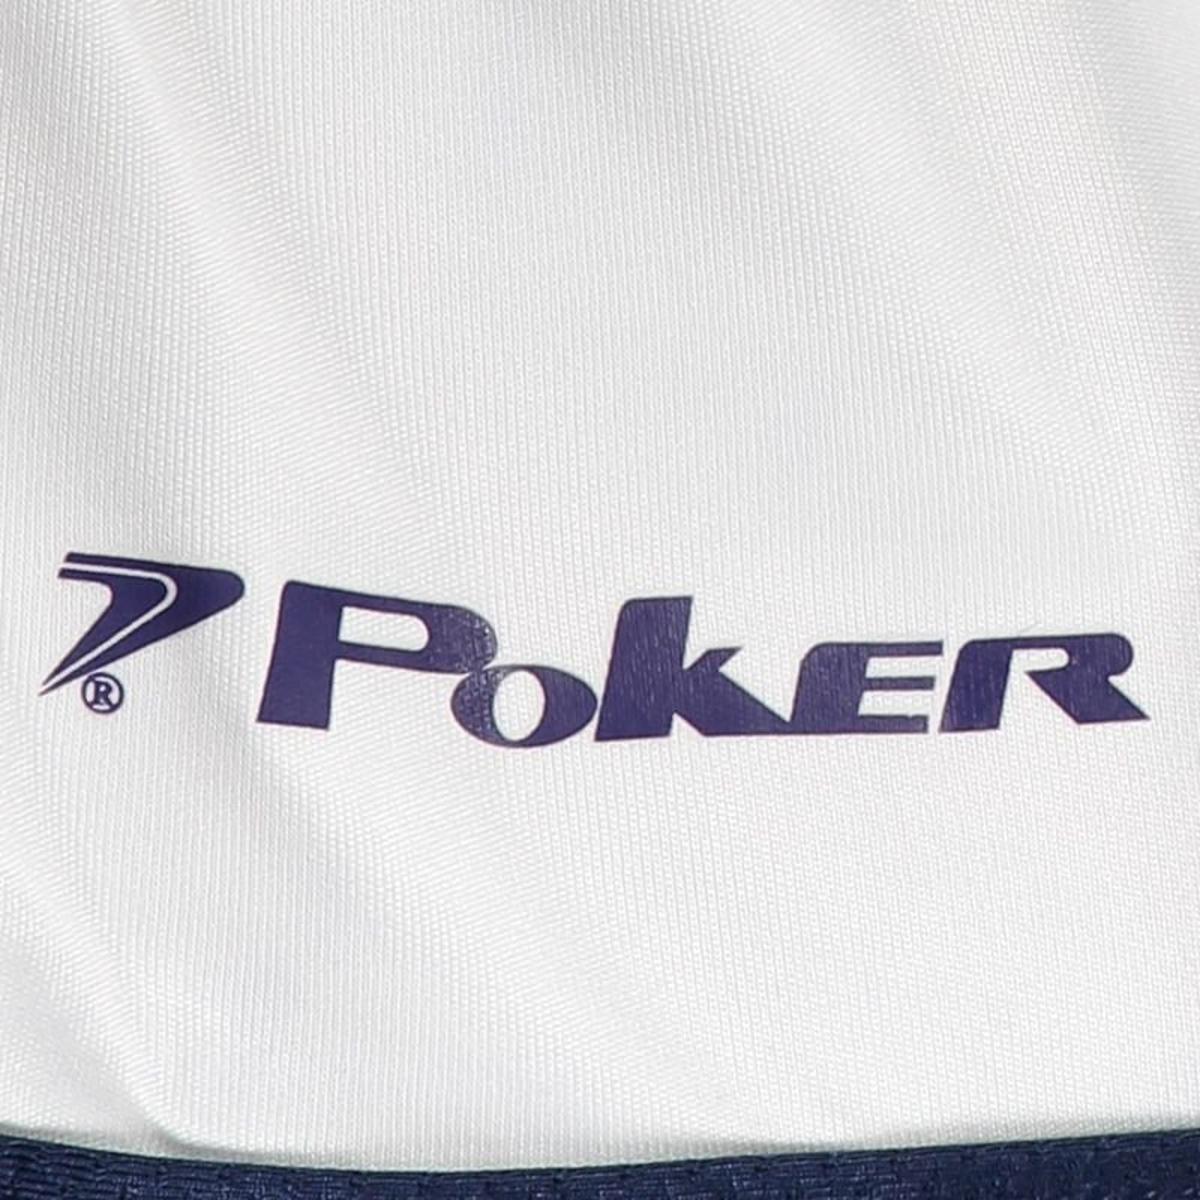 Calção Poker Iridio Masculino - Compre Agora  dfdf8fecb2e39